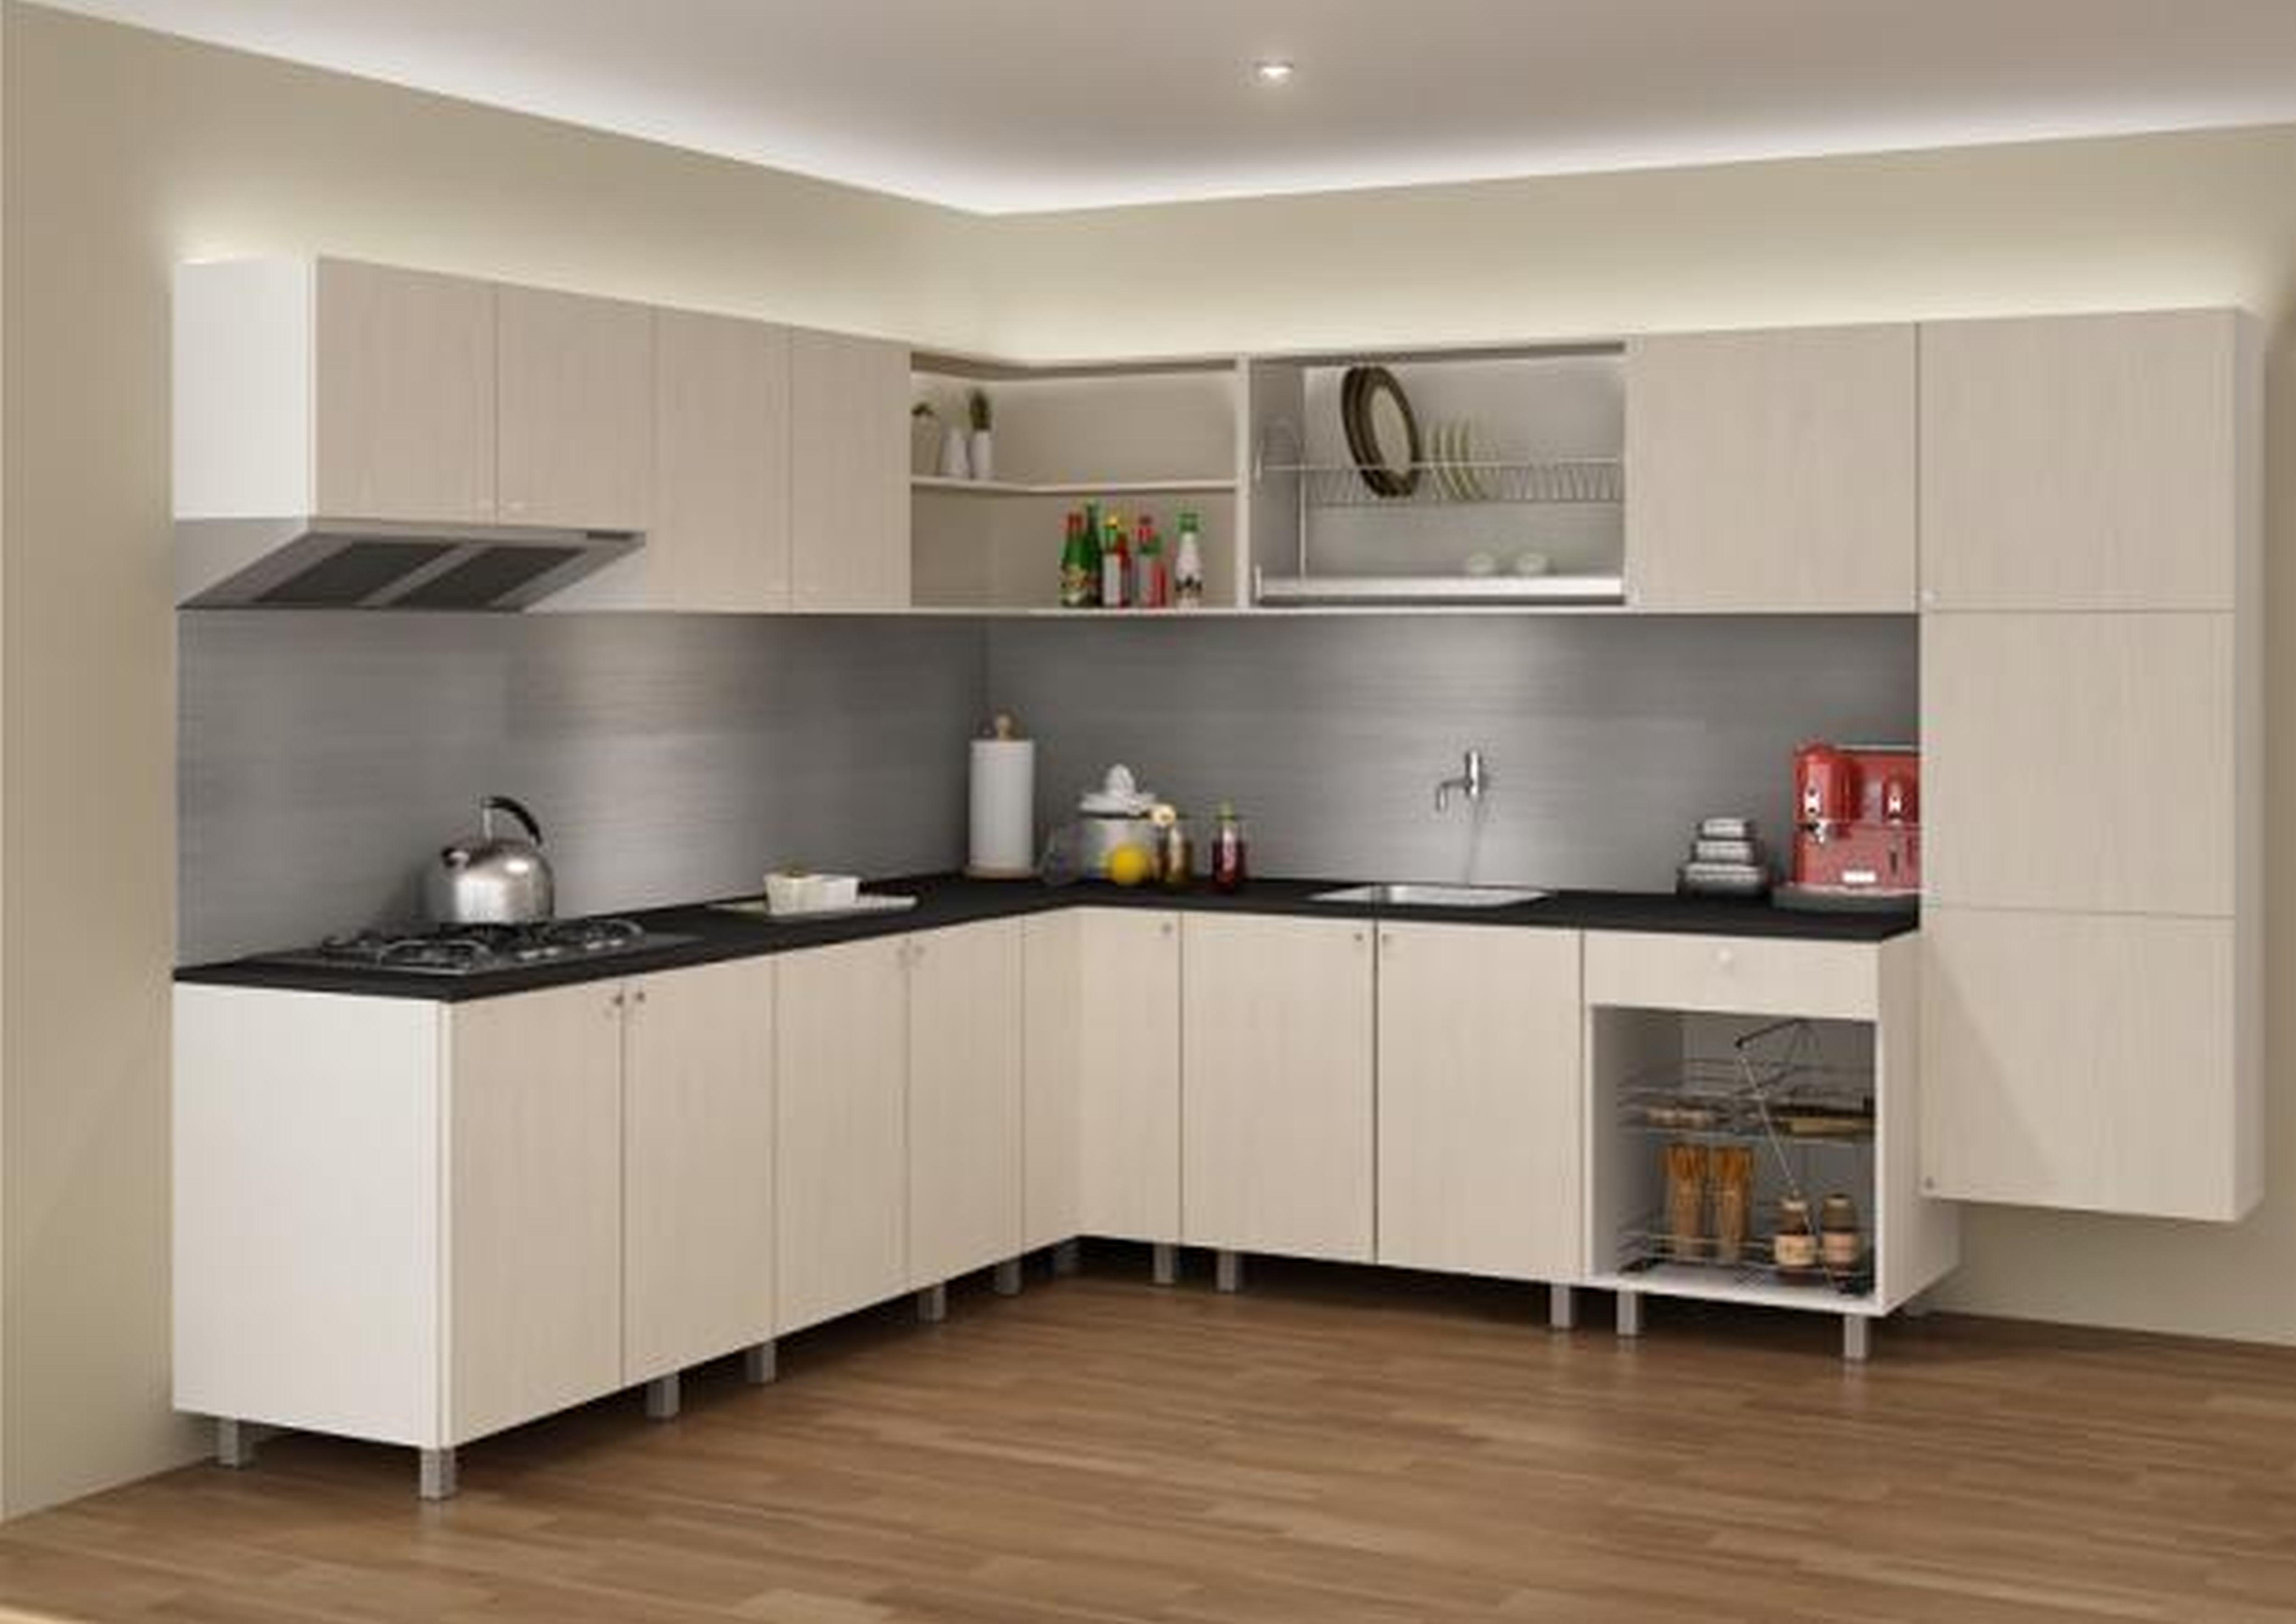 U-förmige küchendesigns küche kabinett hardware sacramento ca  bevor sie kaufen cabinet